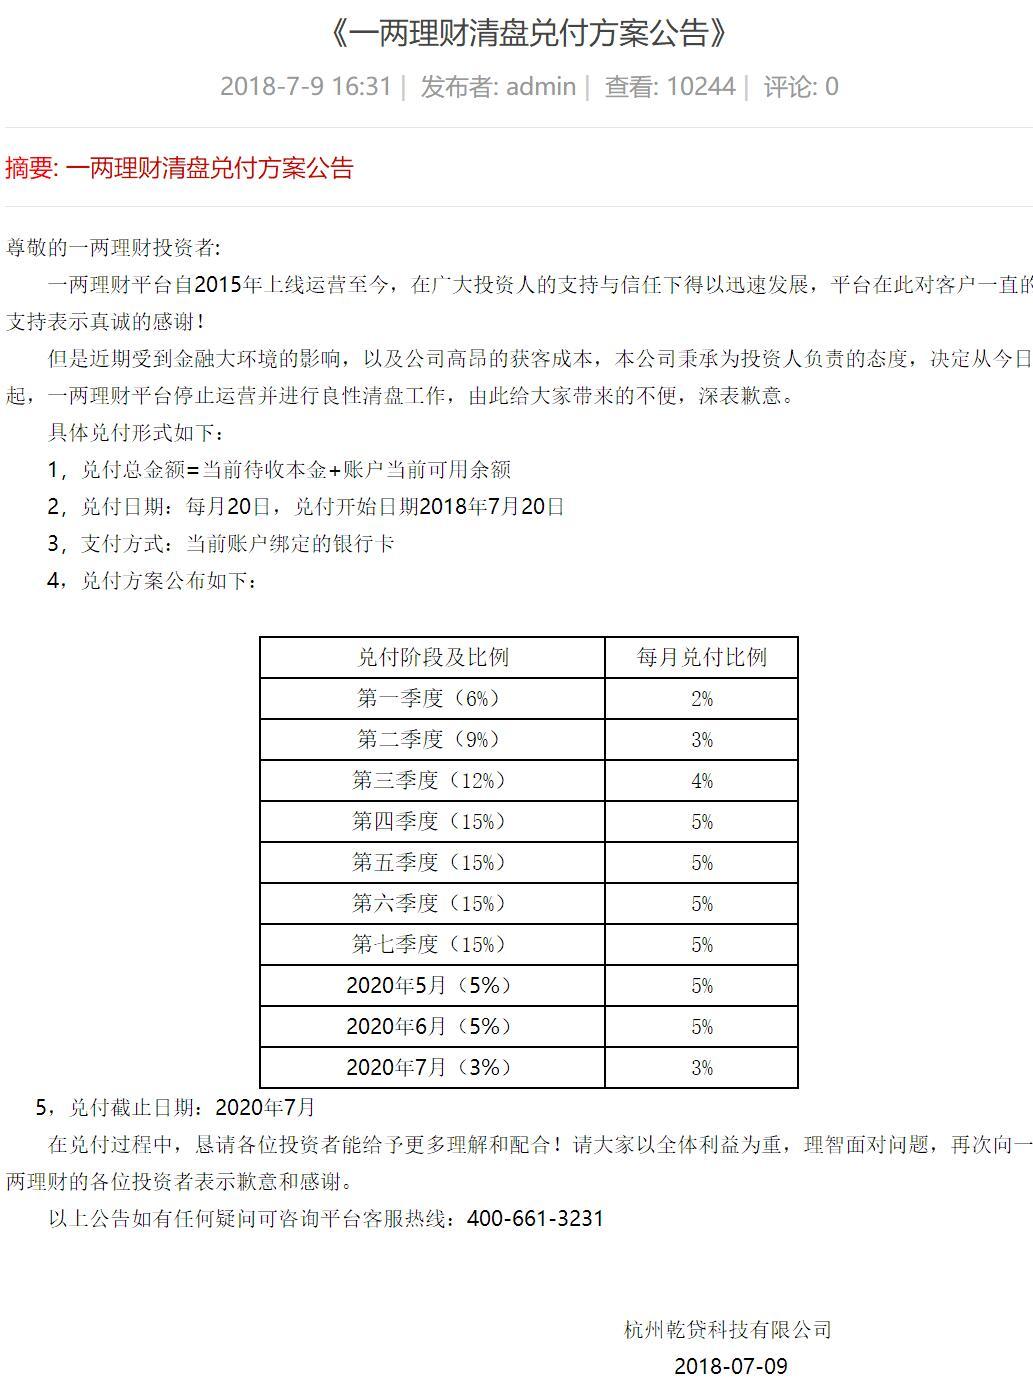 国资系平台一两理财清盘:拟2020年7月前完成兑付3